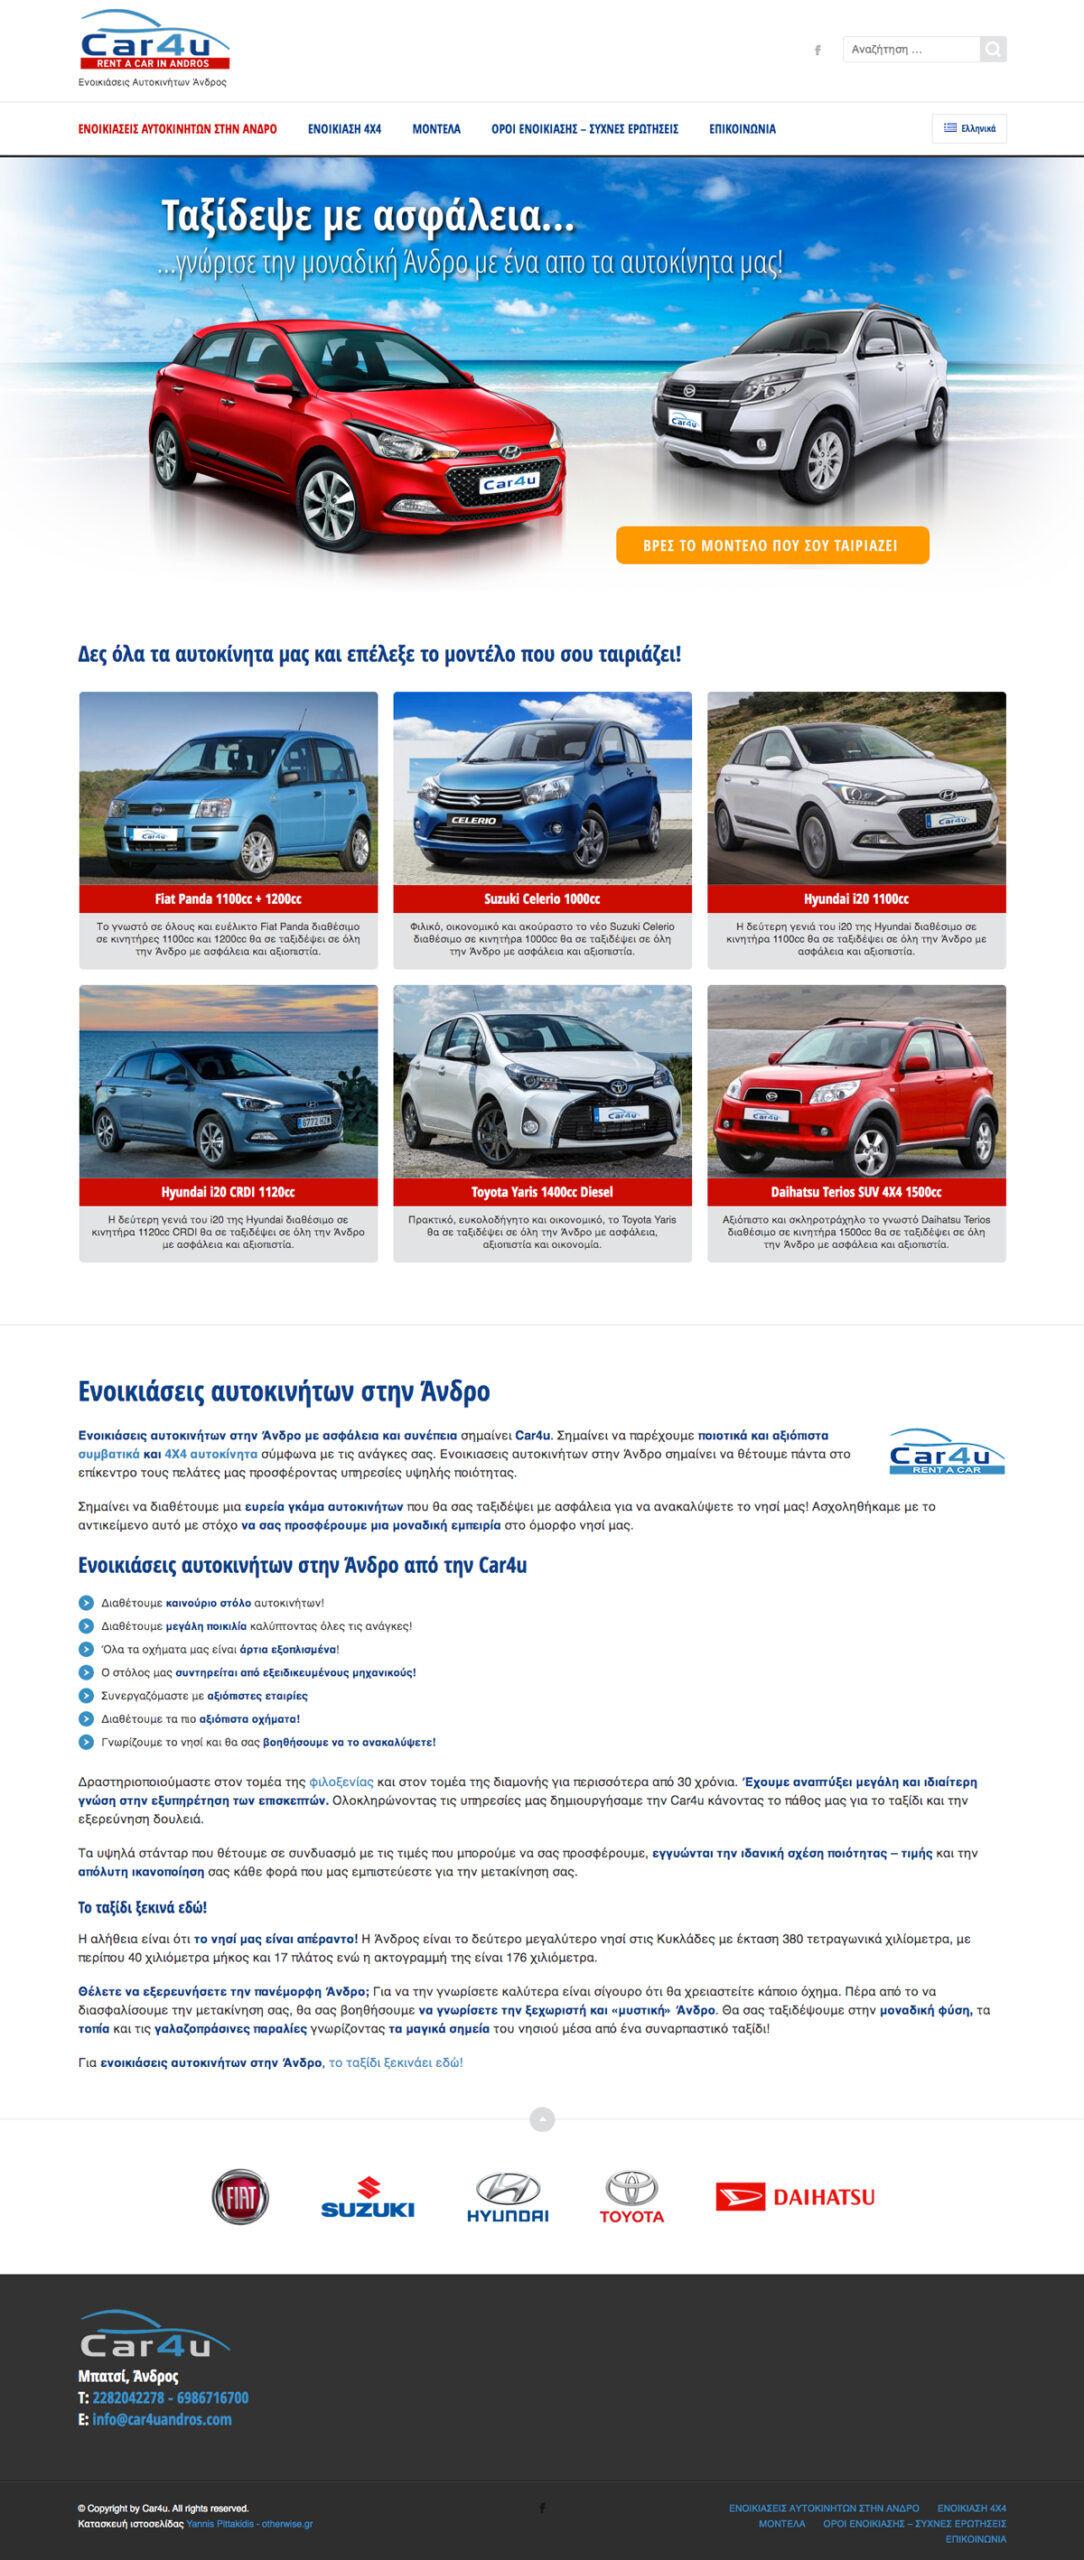 Car4u – Rent a Car